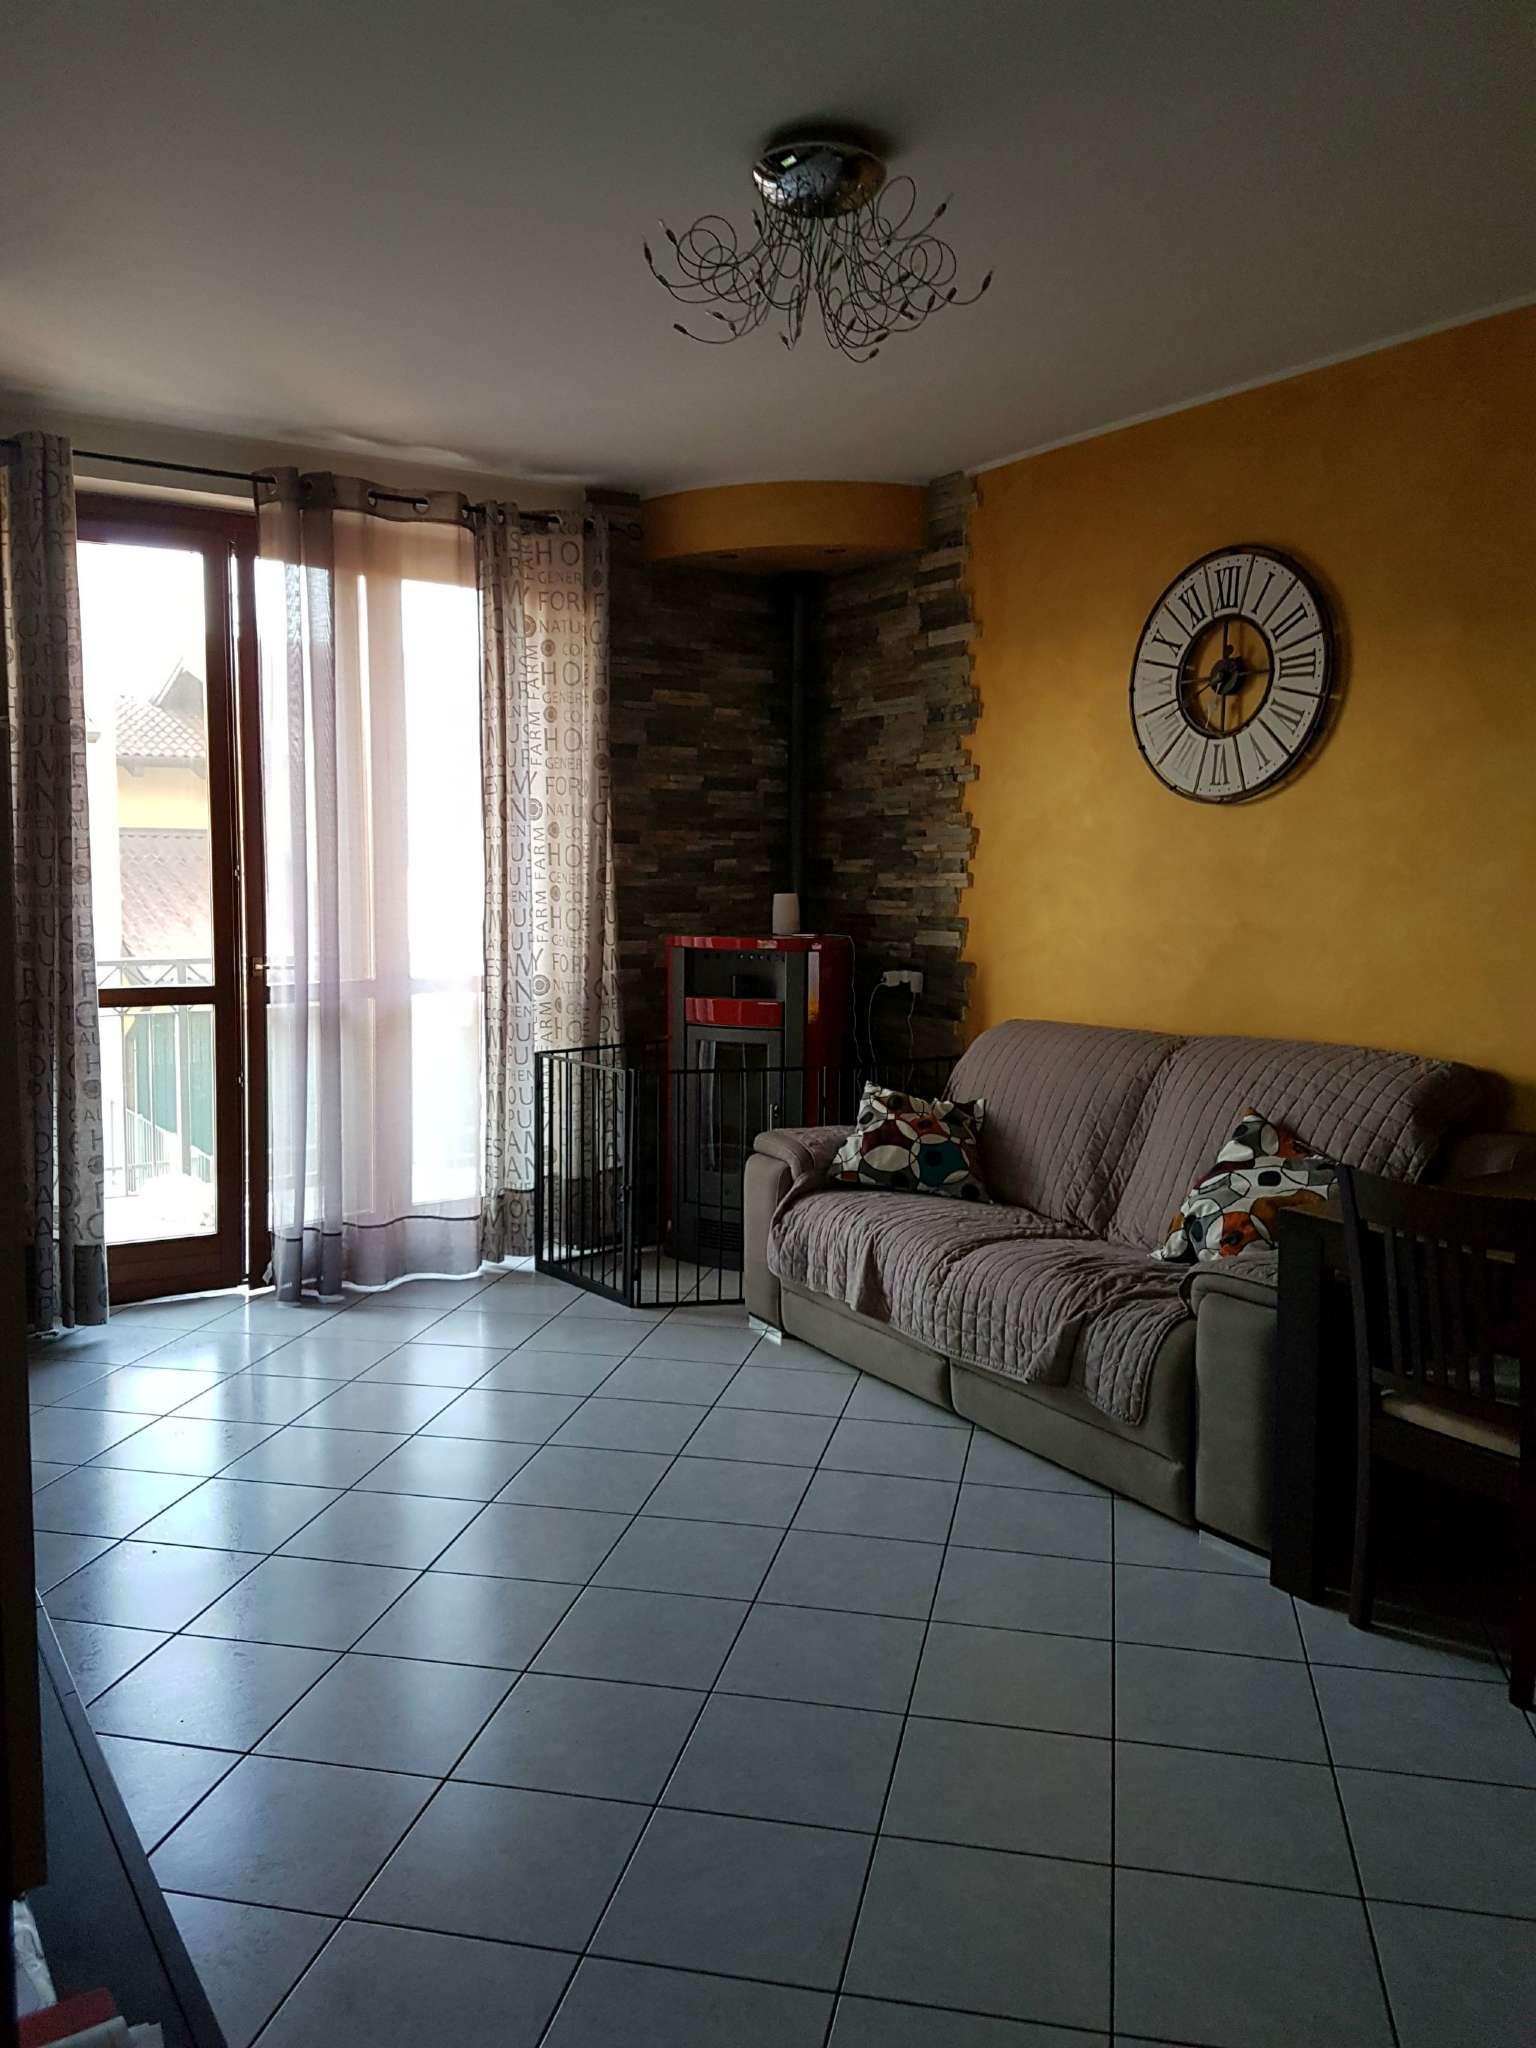 Villa a Schiera in vendita a Mozzanica, 3 locali, prezzo € 162.000 | CambioCasa.it